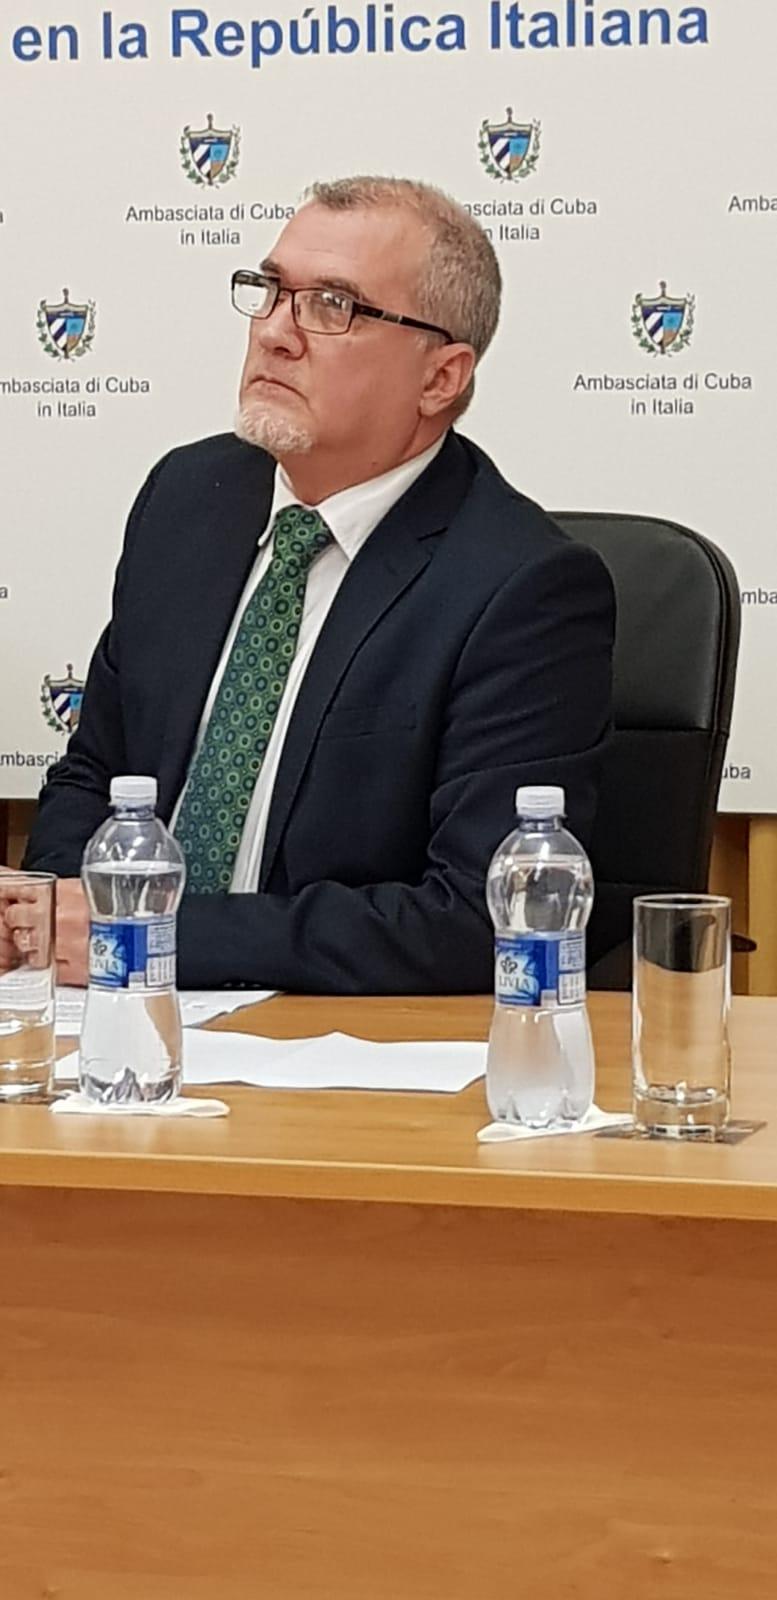 L'Amb. José Carlos Rodrìguez Ruiz